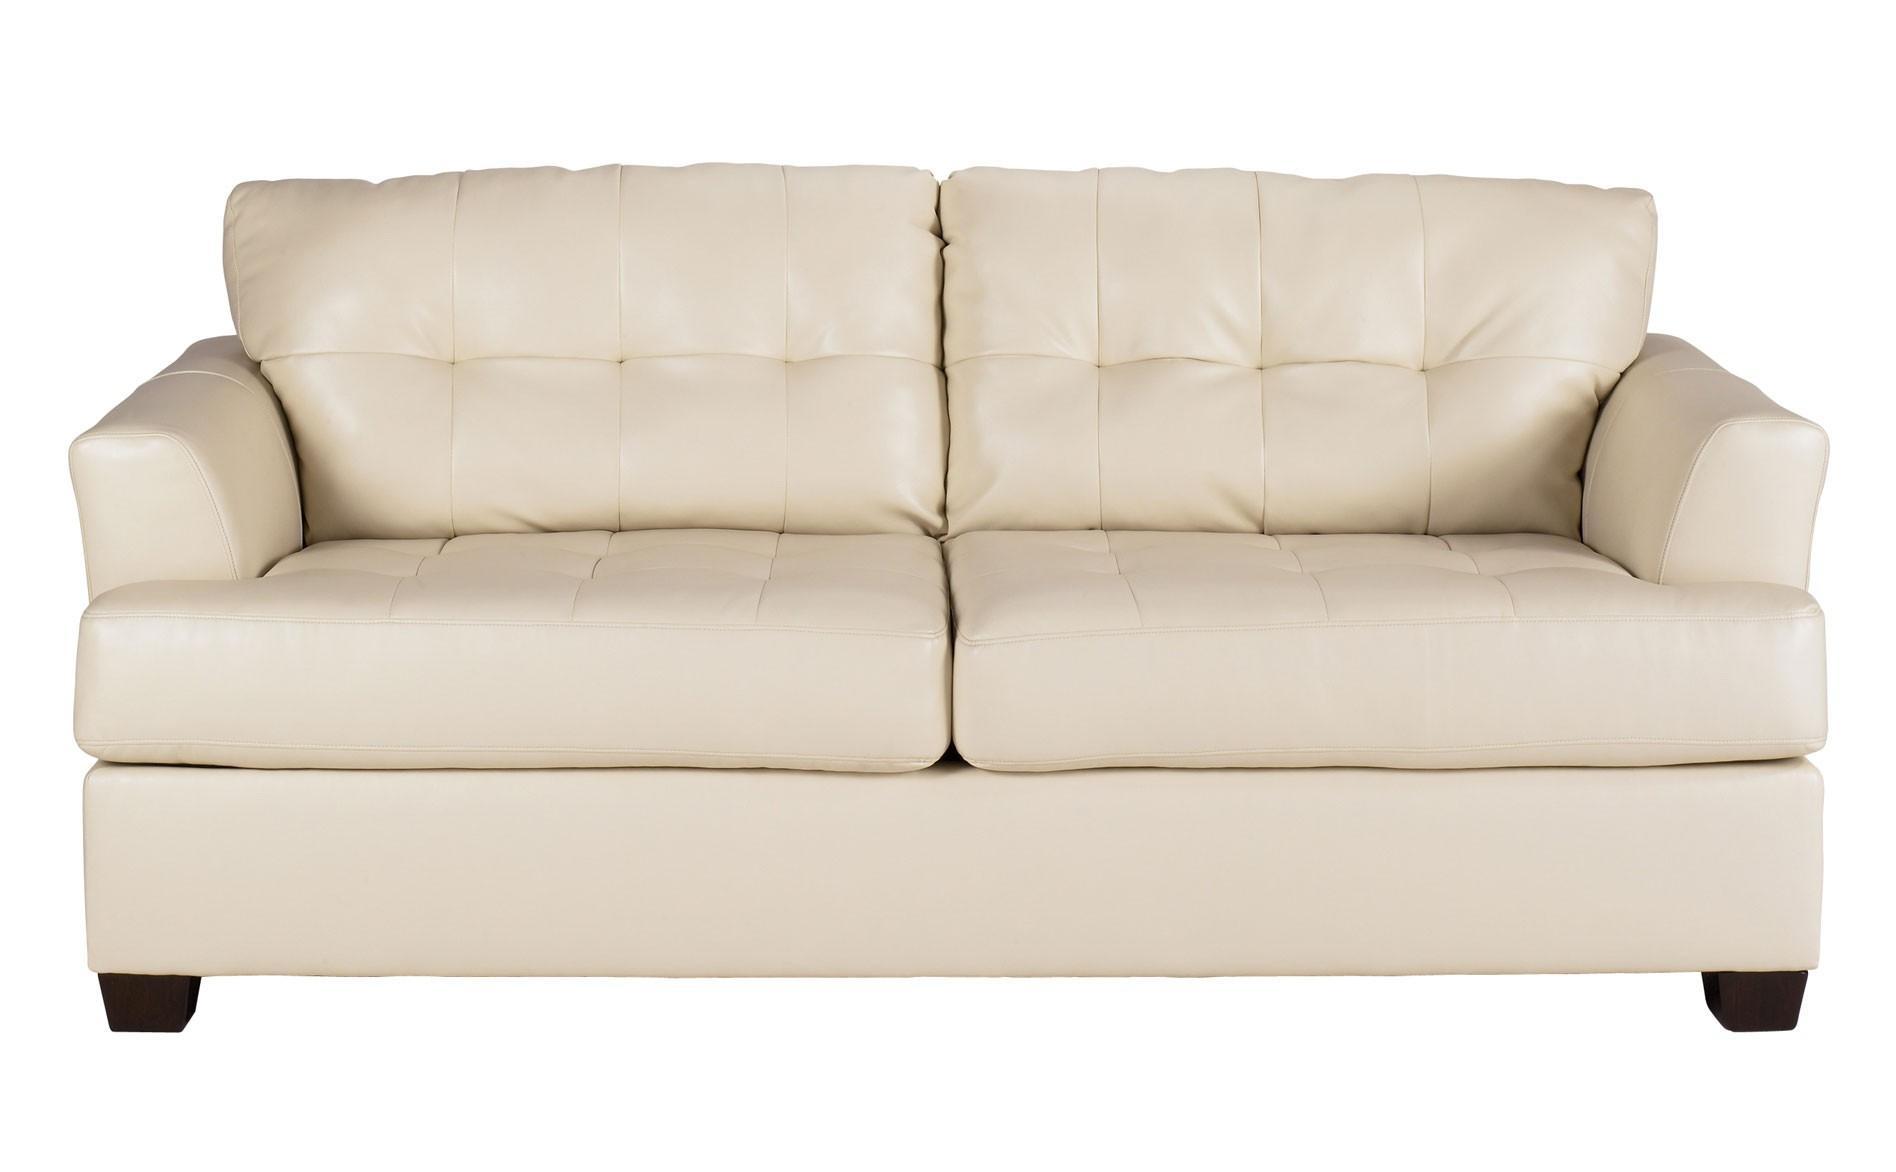 Sofas Center : Gardner White Sleeper Sofawhite Linen Sofa In Throughout Dallas Sleeper Sofas (Image 12 of 20)